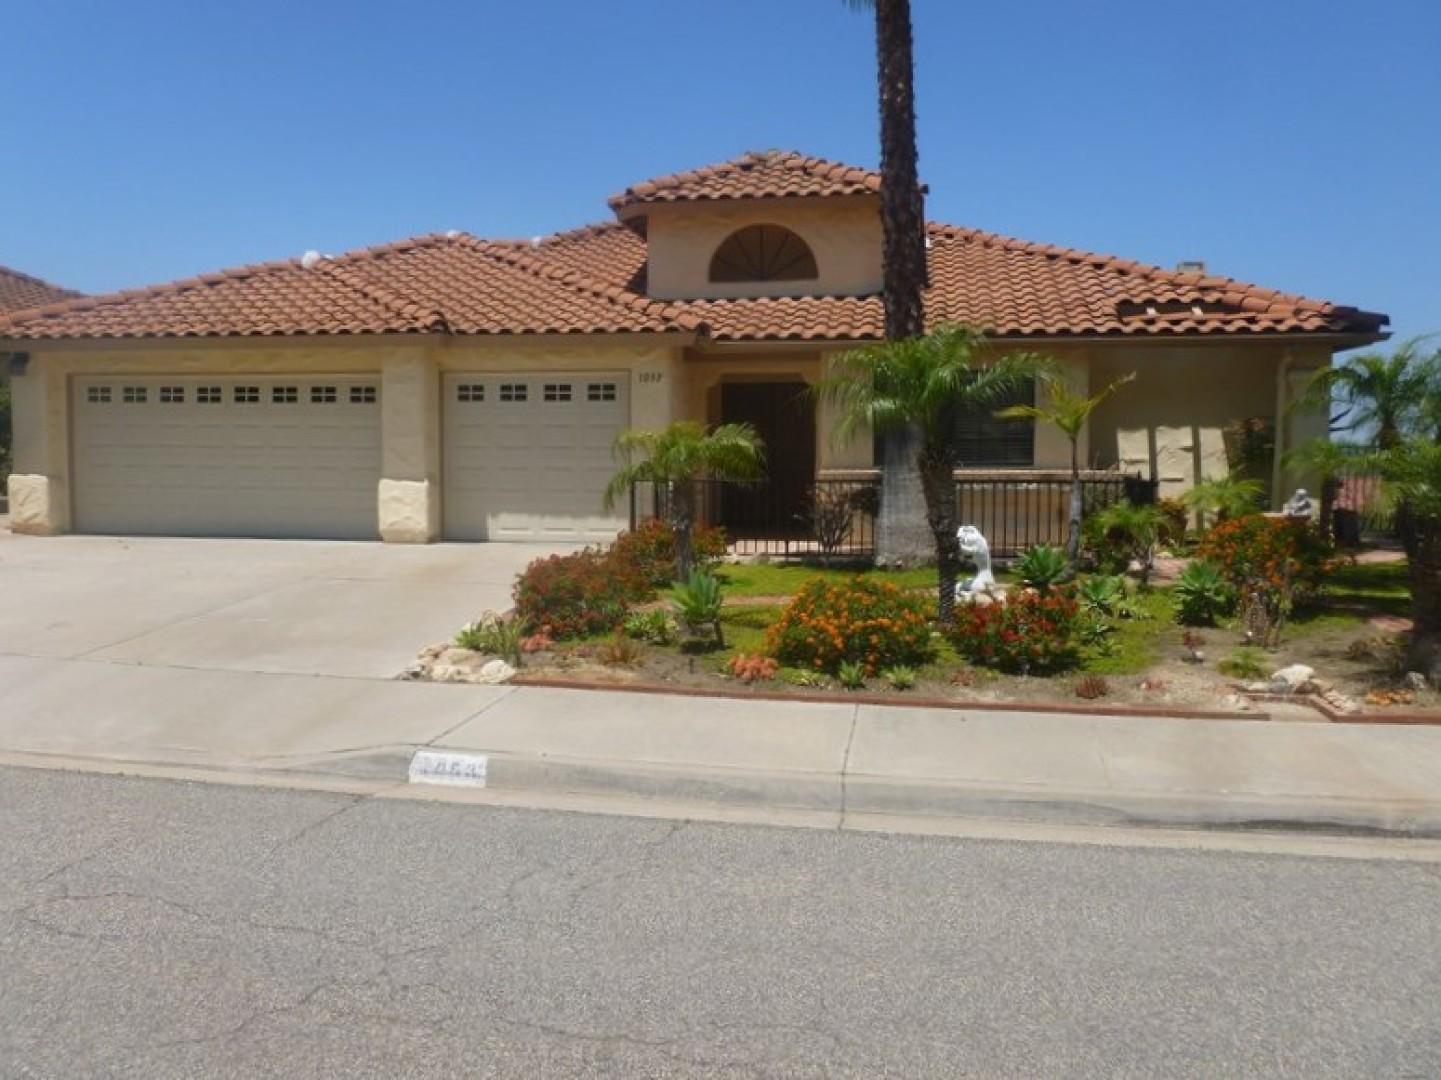 1053 Inspiration Ln, Escondido, California 92025